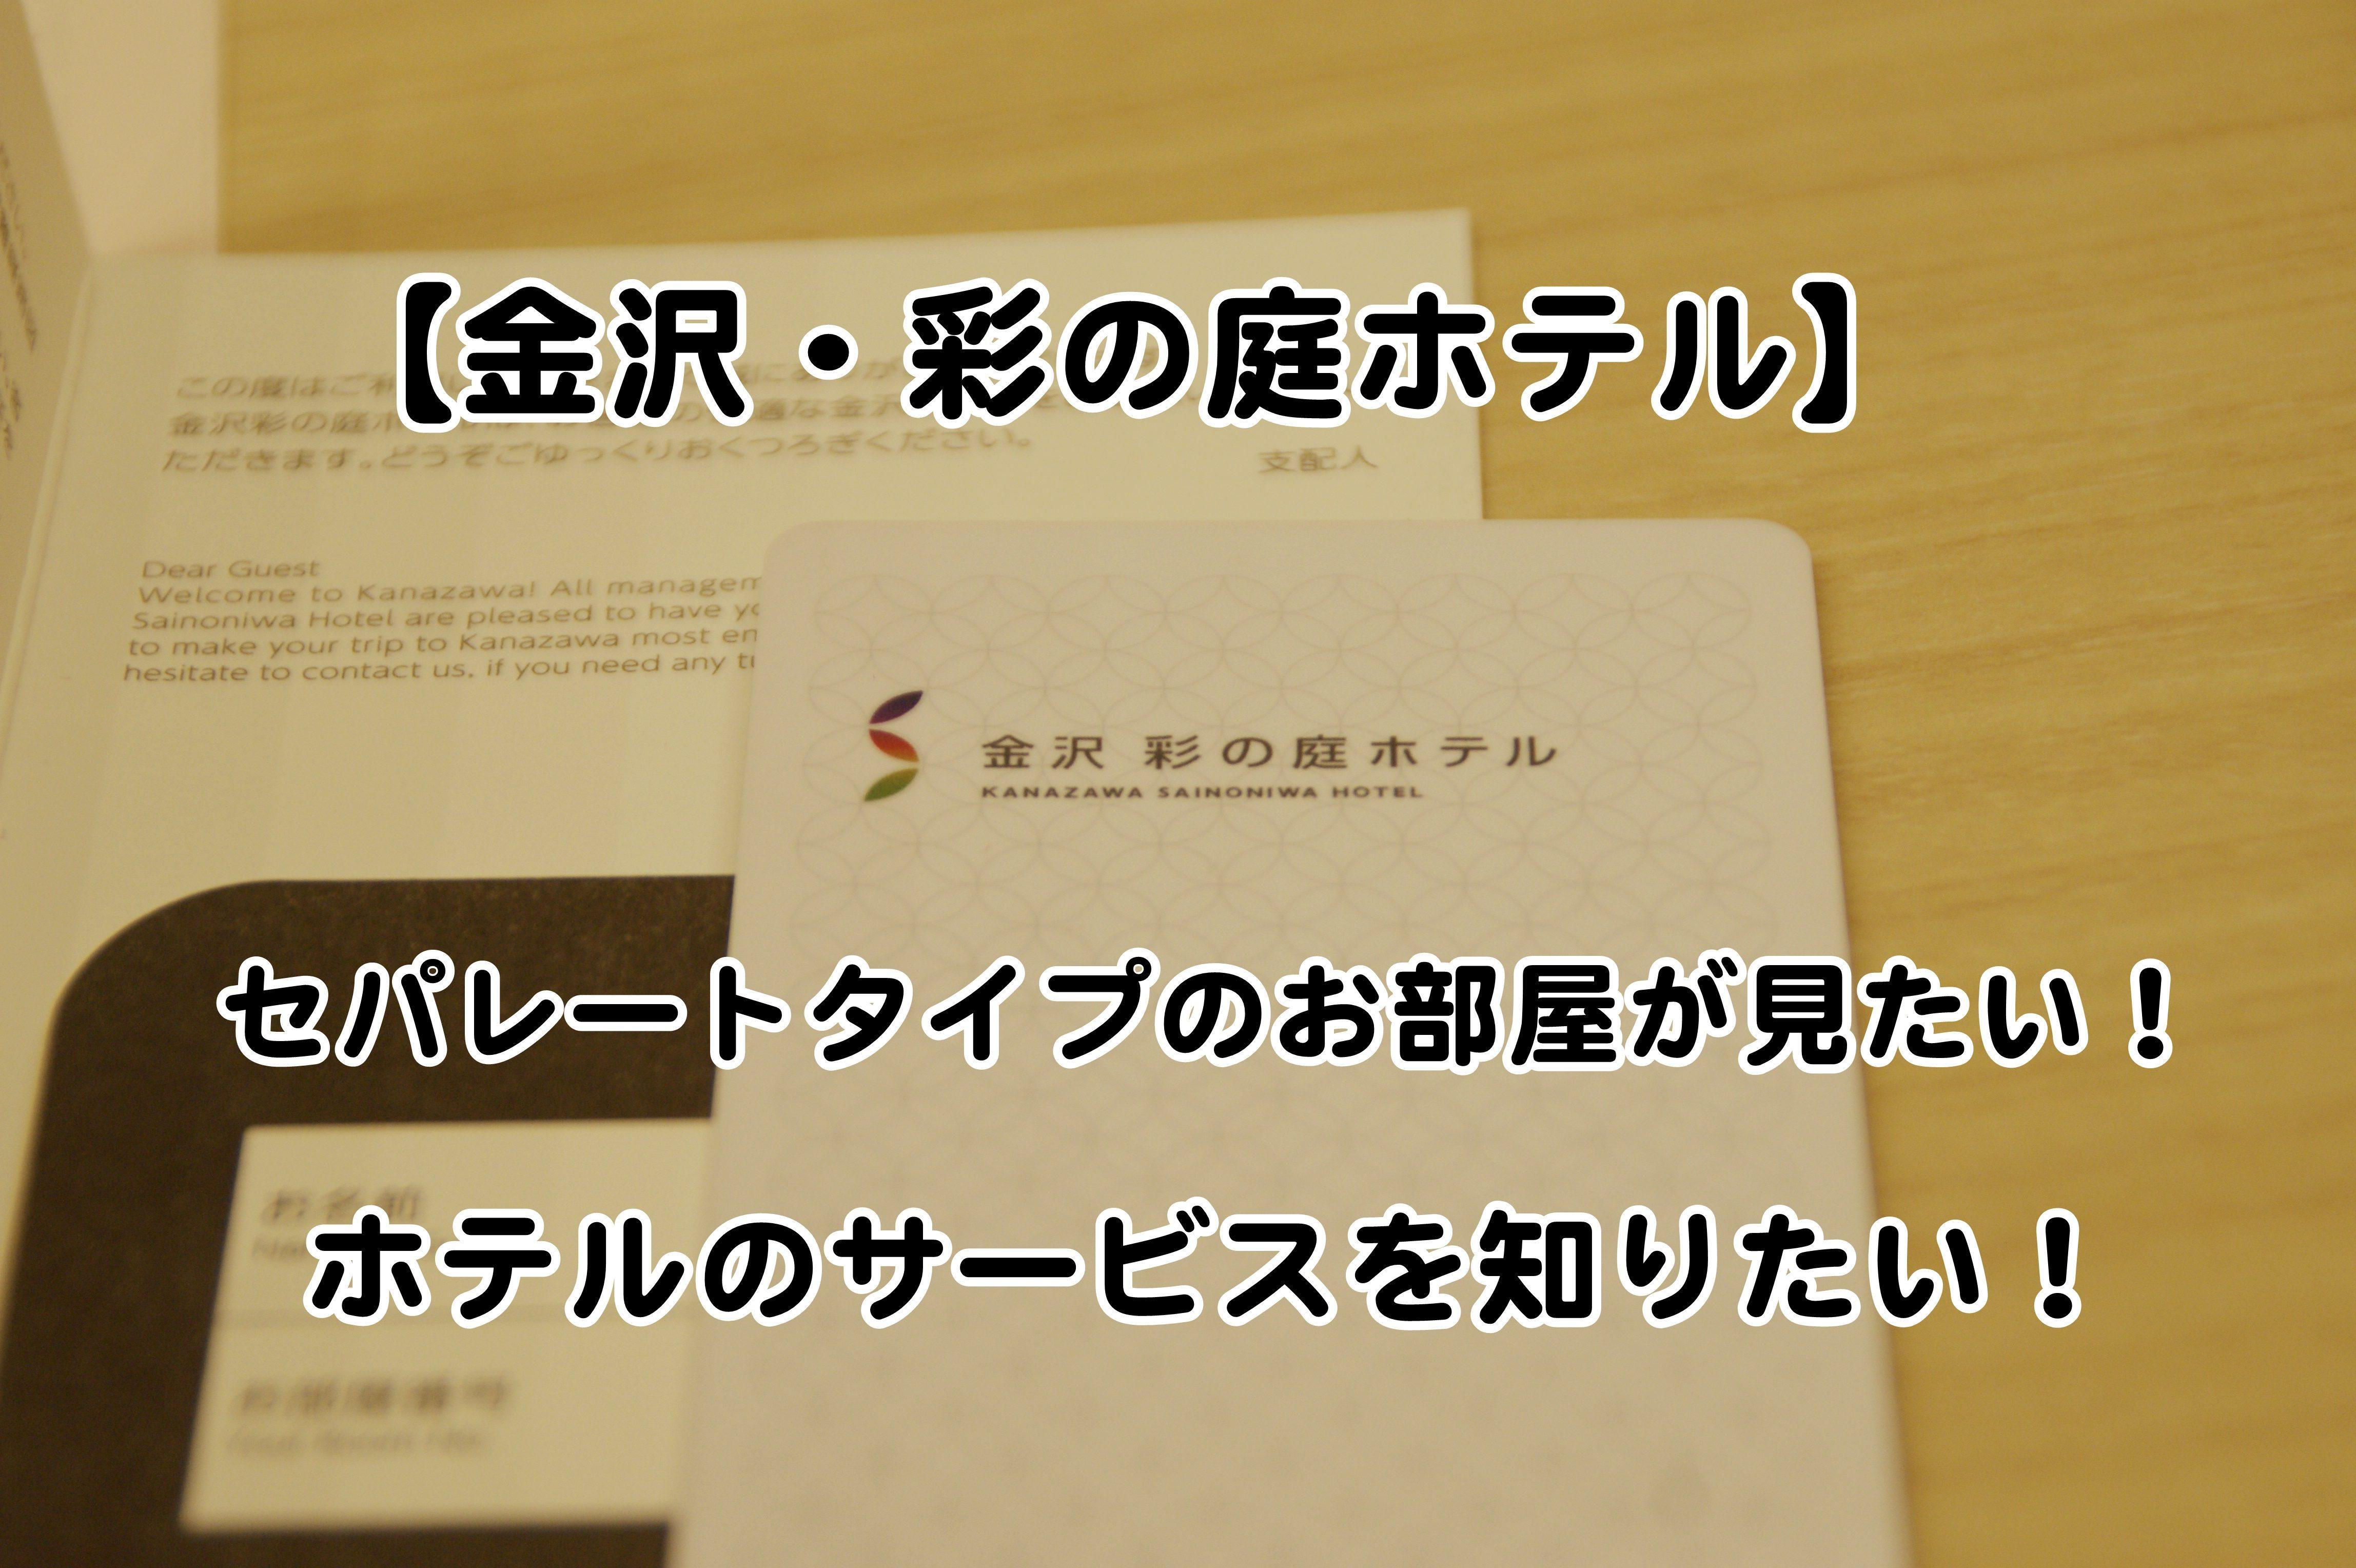 【金沢・彩の庭ホテル】のセパレートタイプのお部屋とサービス